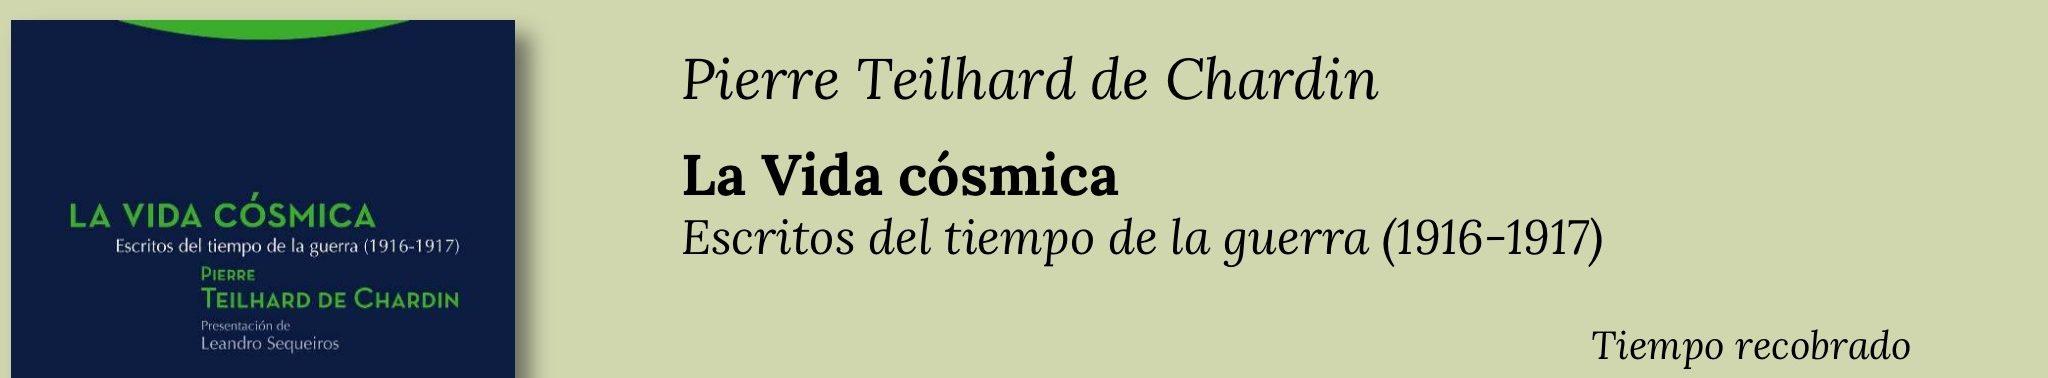 El despertar del genio de Pierre Teilhard de Chardin